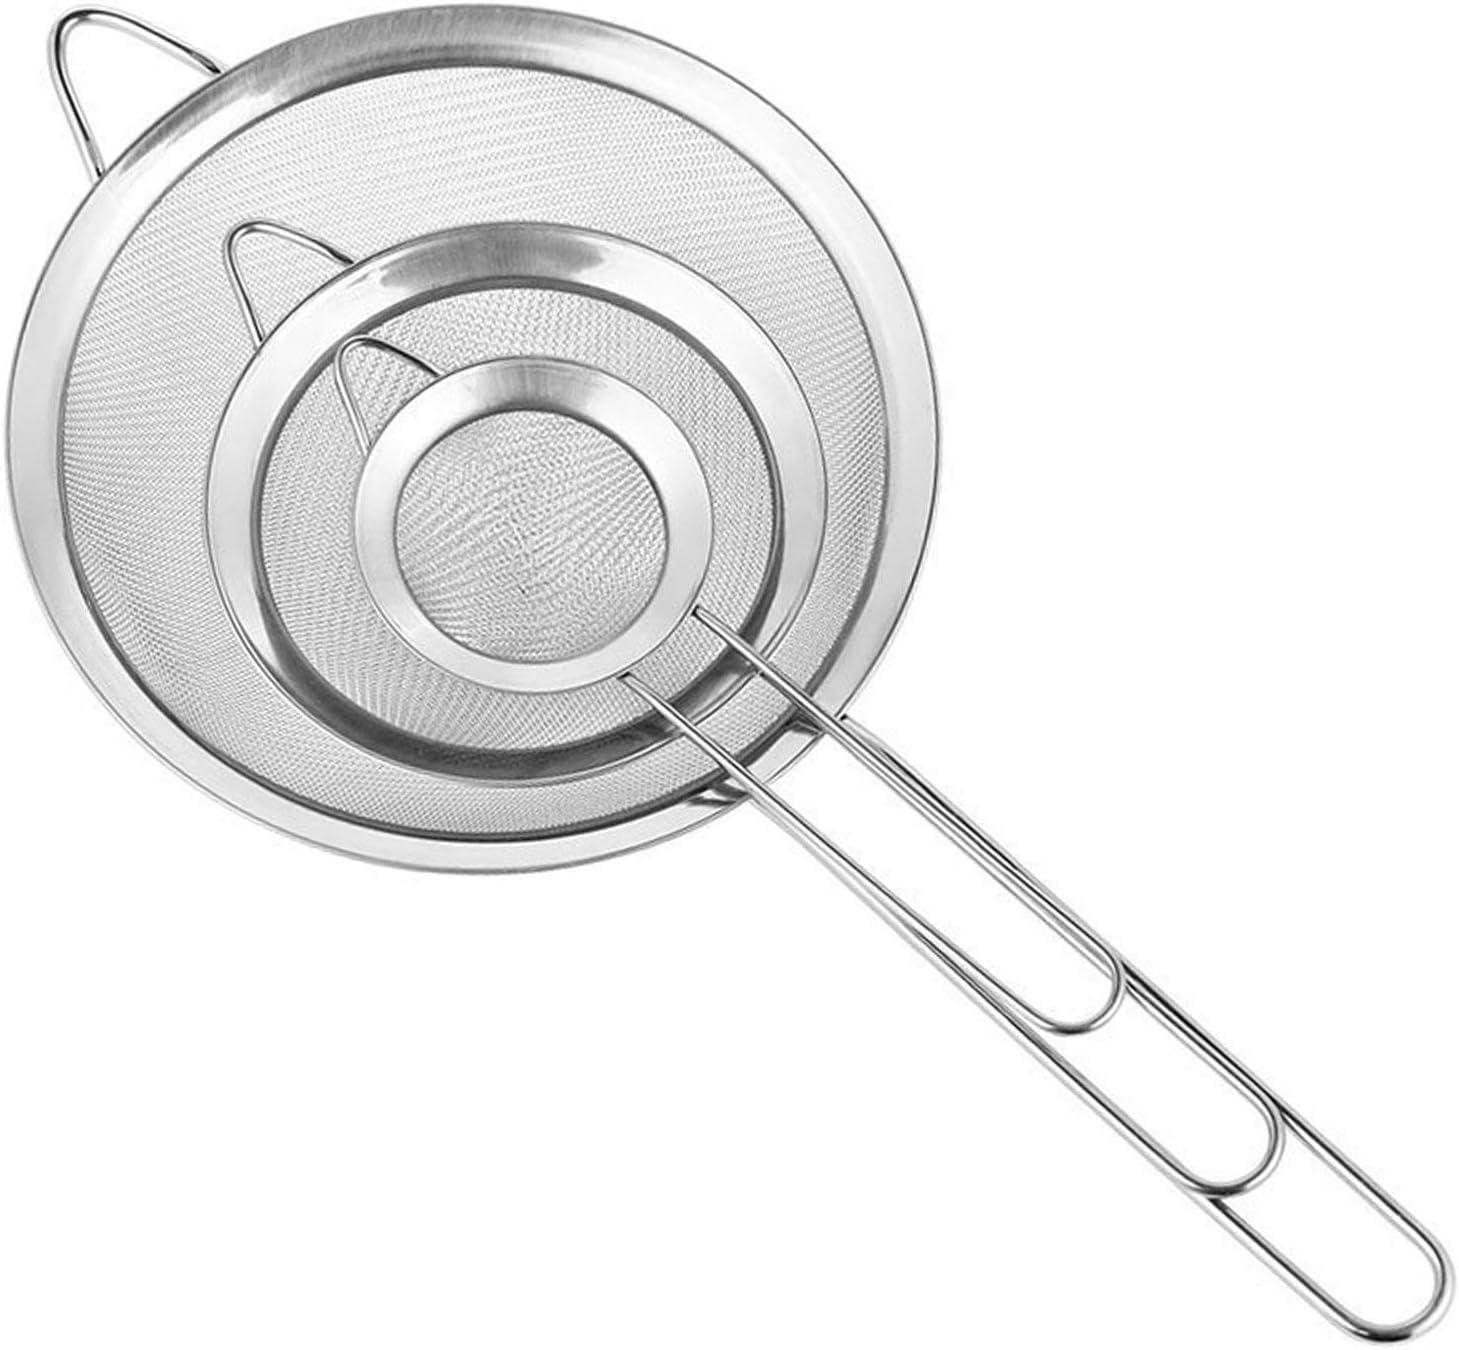 Cymax Juego de 3 Malla Fina Cocina Colador Profesional 7/12/18 cm Harina Tamiz, Espumadera para Freír Alimentos,Pastas Espaguetis y Fideos